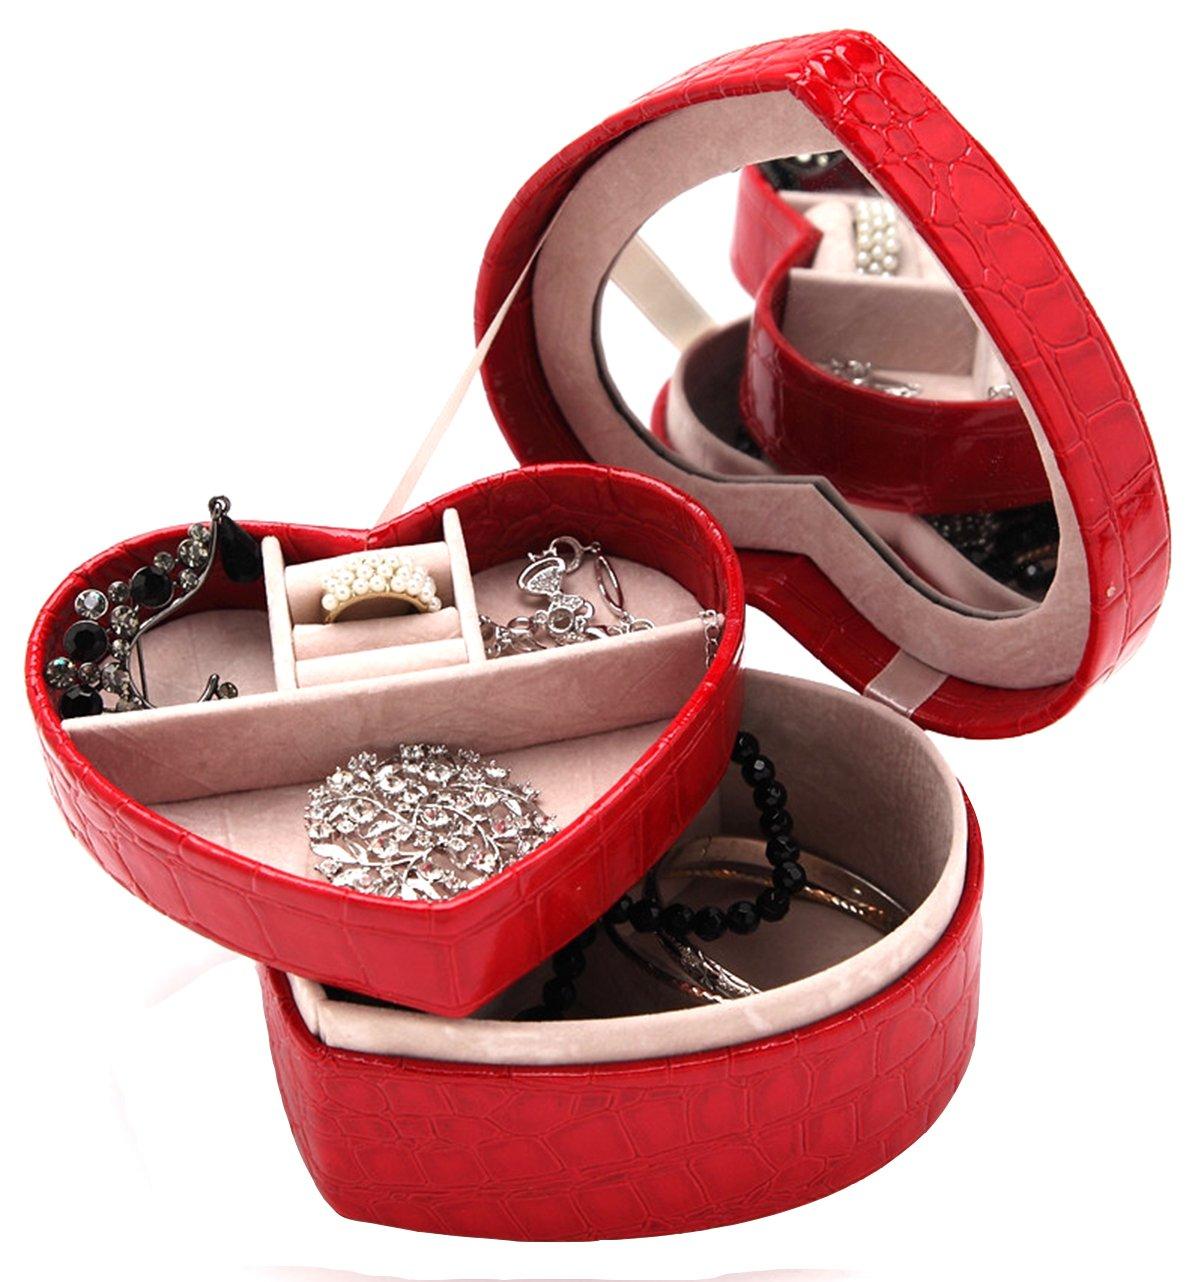 DCCN Portagioie 3 livelli, beauty case in pelle PU (poliuretano), cofanetto portagioielli con specchio e lucchetto KDCCN-1101